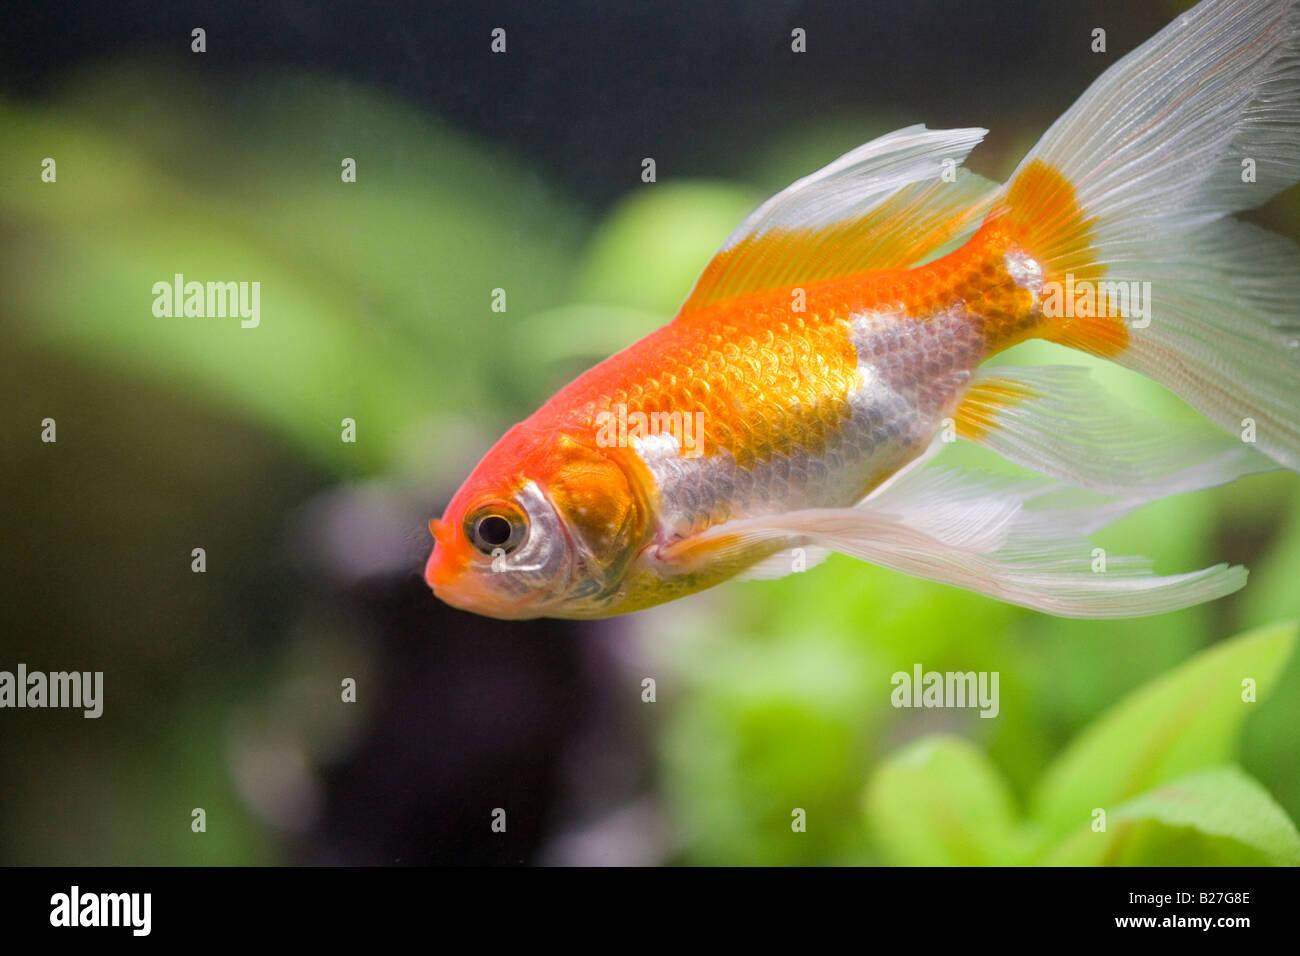 Fancy Goldfish Stock Photos & Fancy Goldfish Stock Images - Alamy